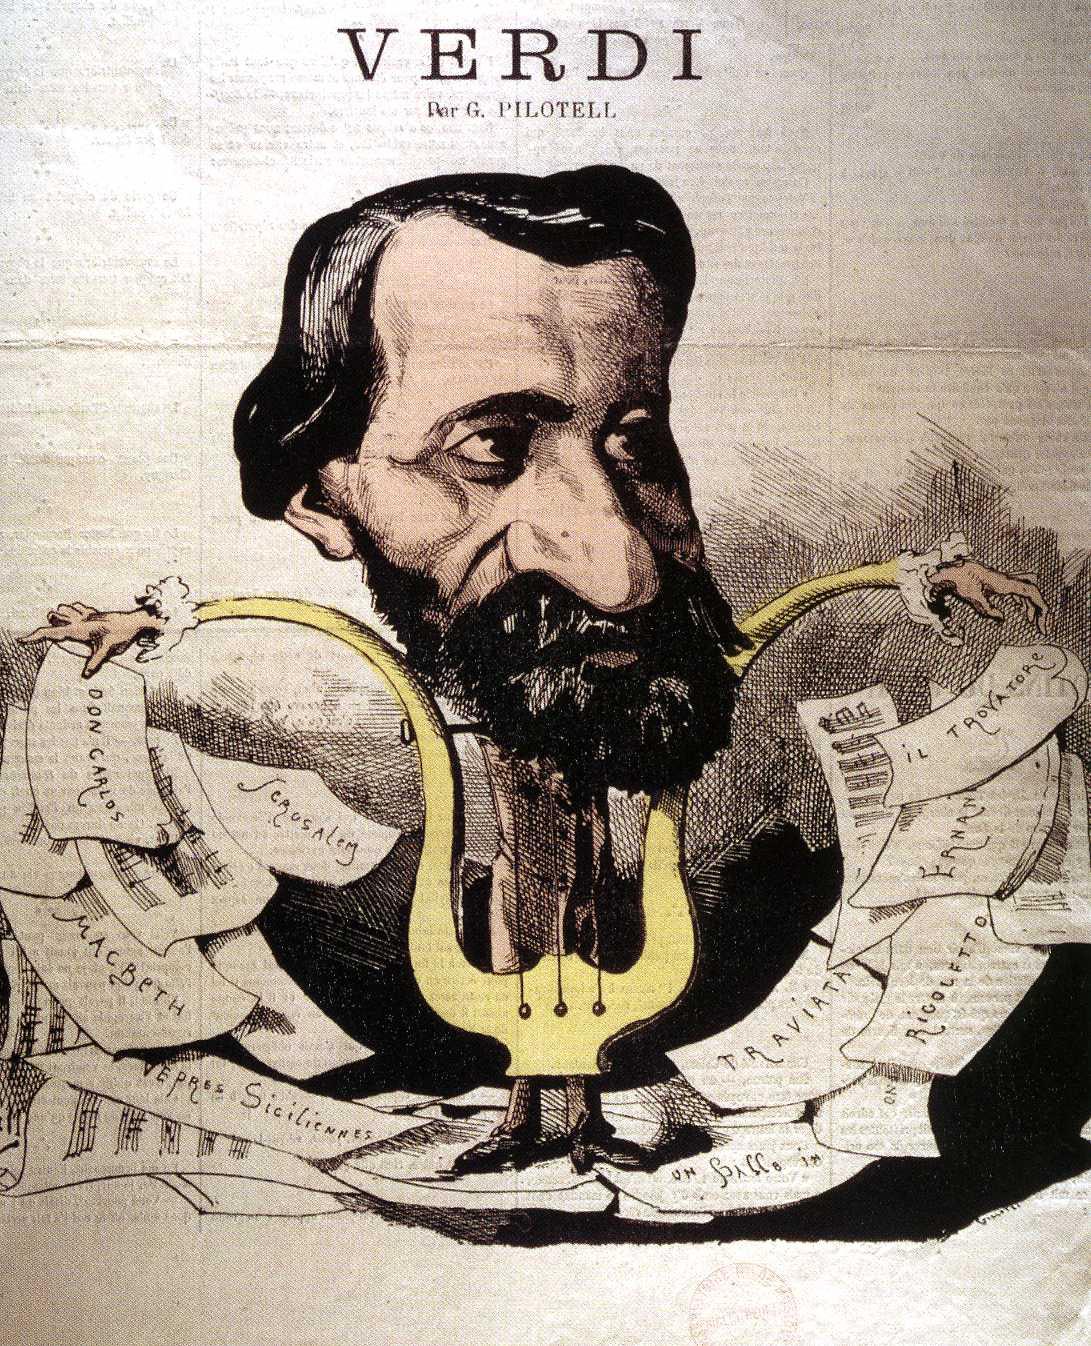 Georges Labadie Pilotell, caricatura di Verdi, 1865 ca